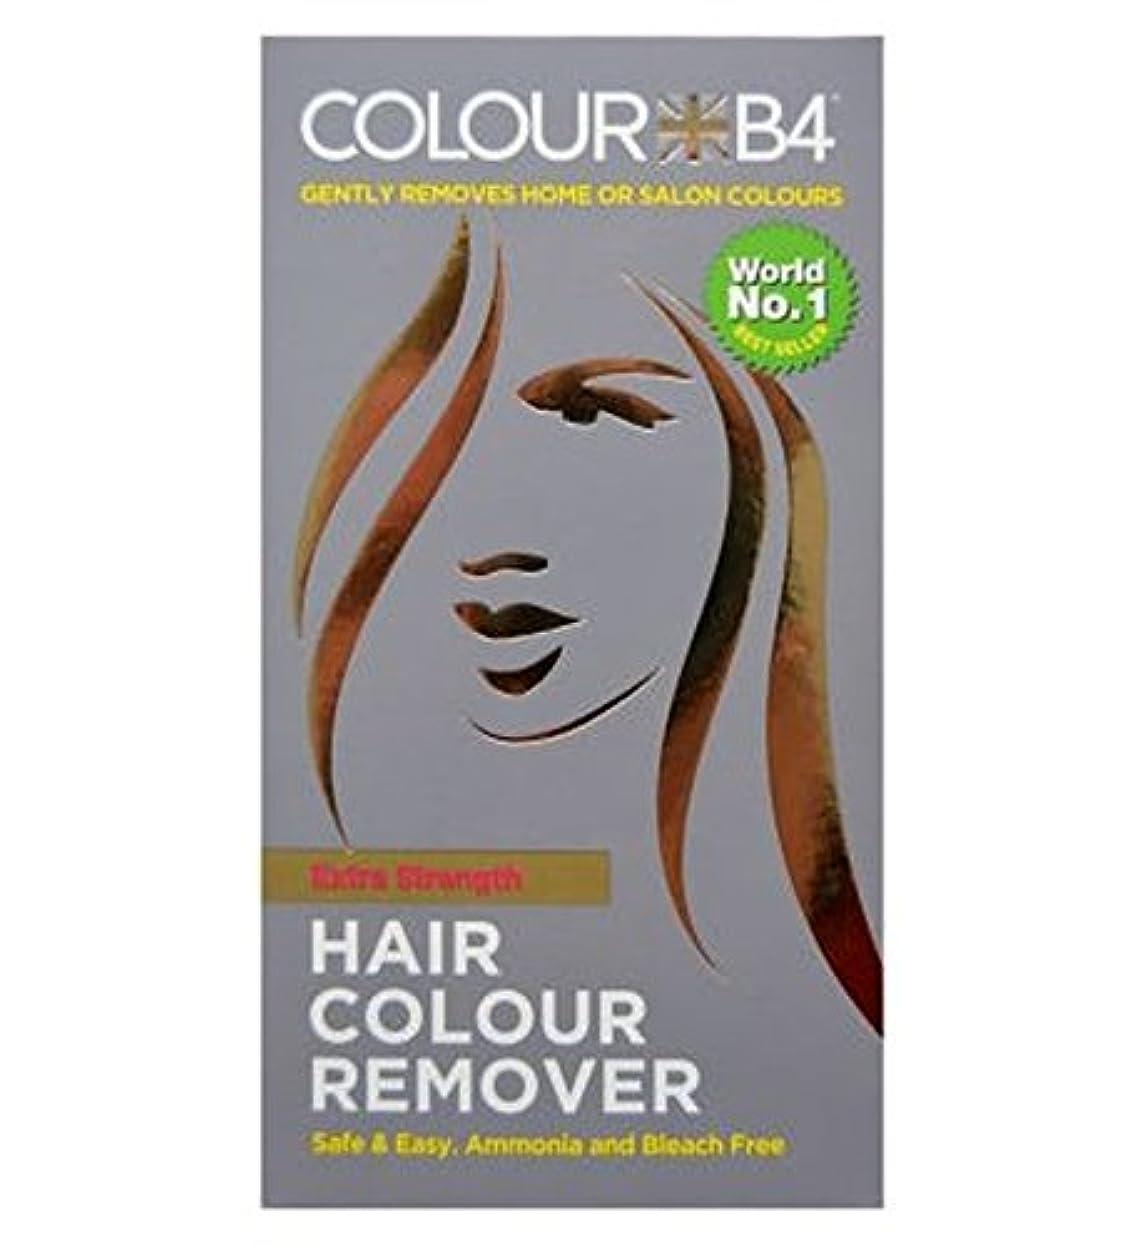 添加剤含む抜け目がないColour B4. Hair colour remover extra strength - カラーB4。ヘアカラーリムーバー余分な強さ (ColourB4) [並行輸入品]